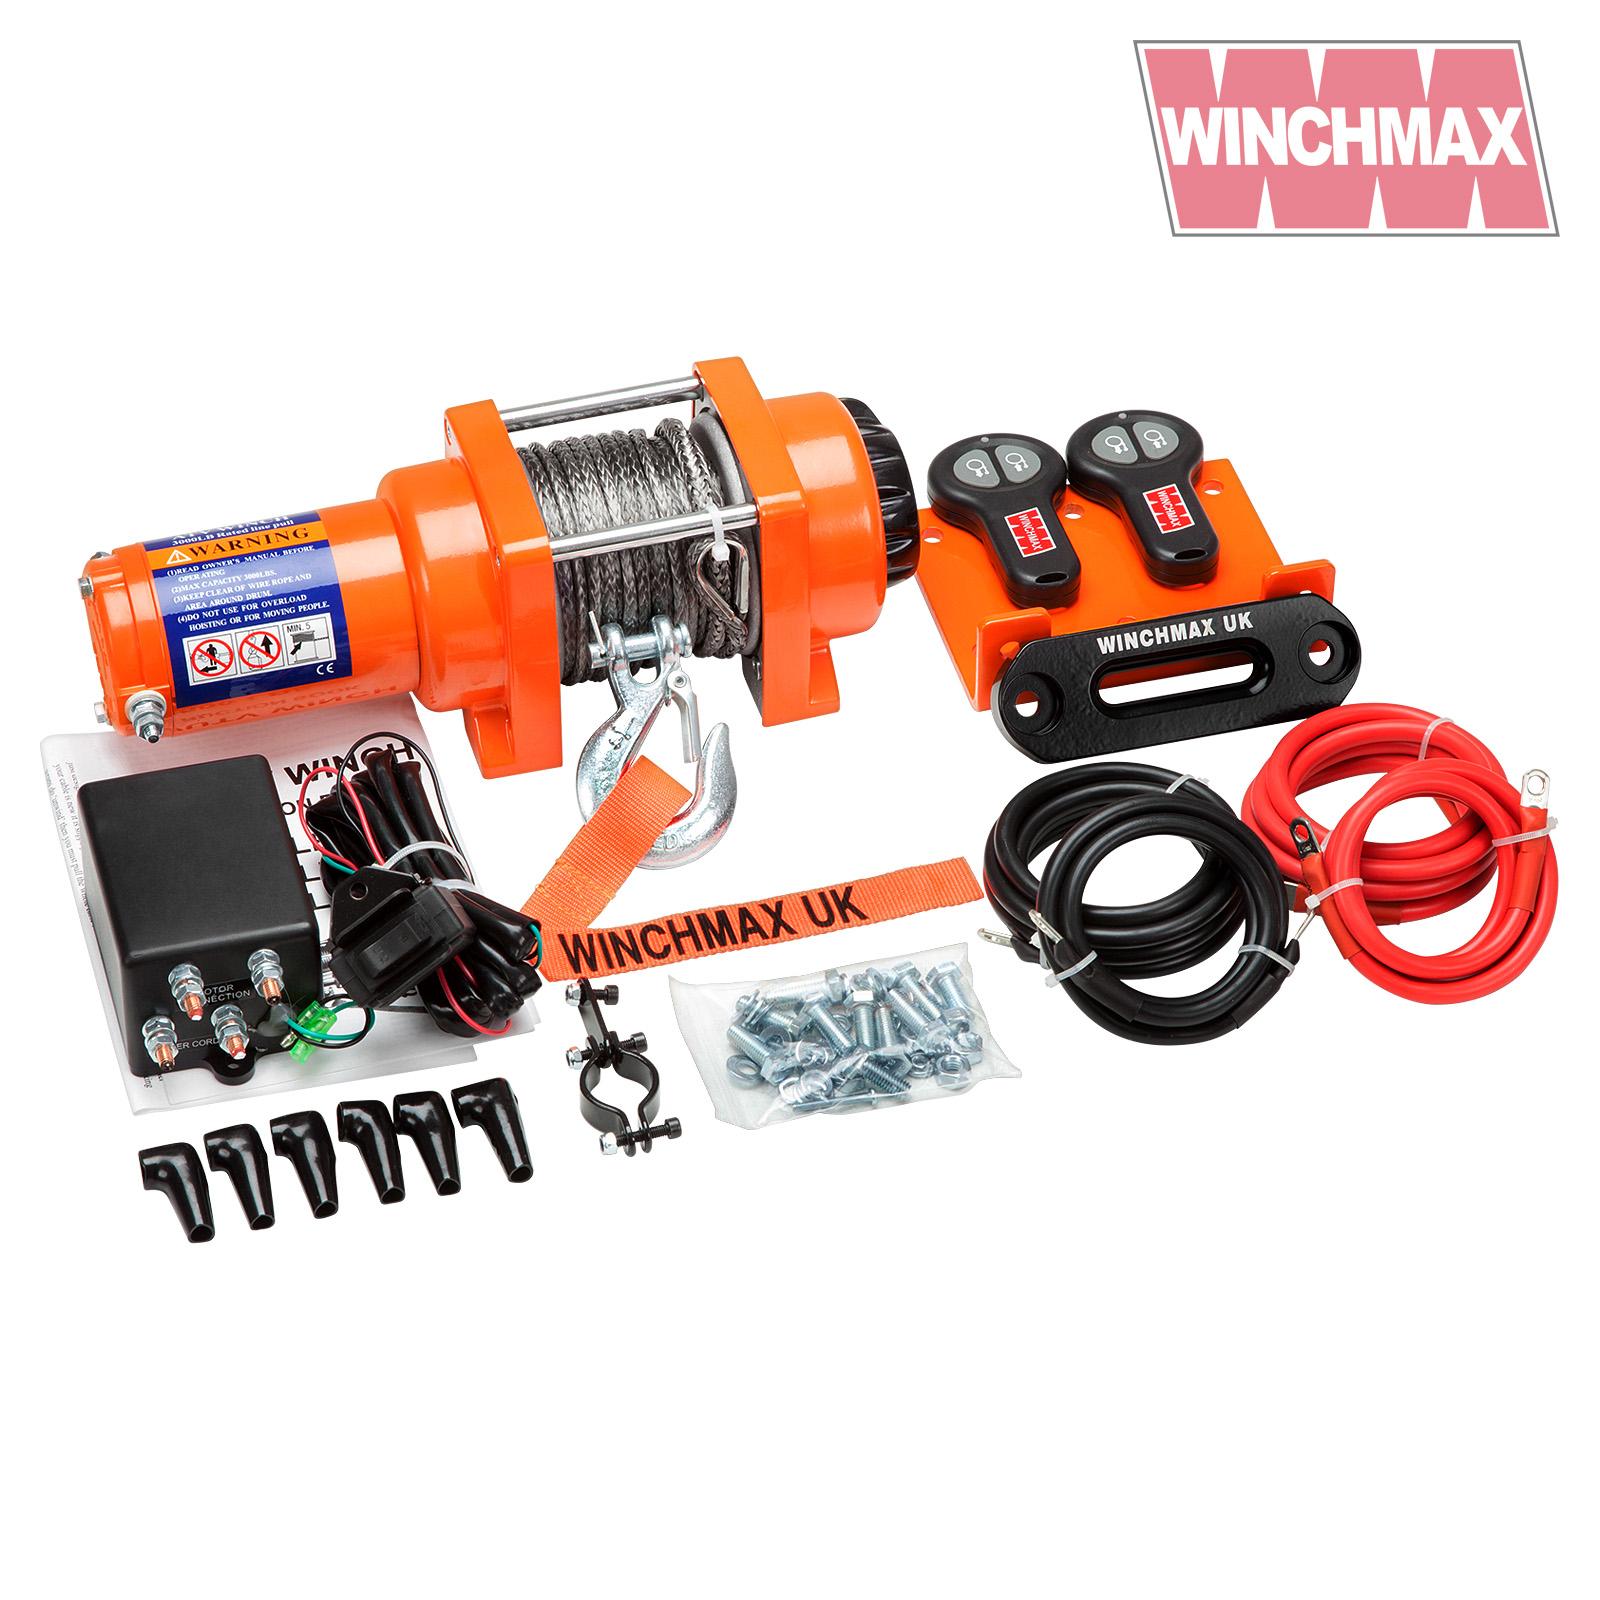 Wm300012vrs winchmax 337